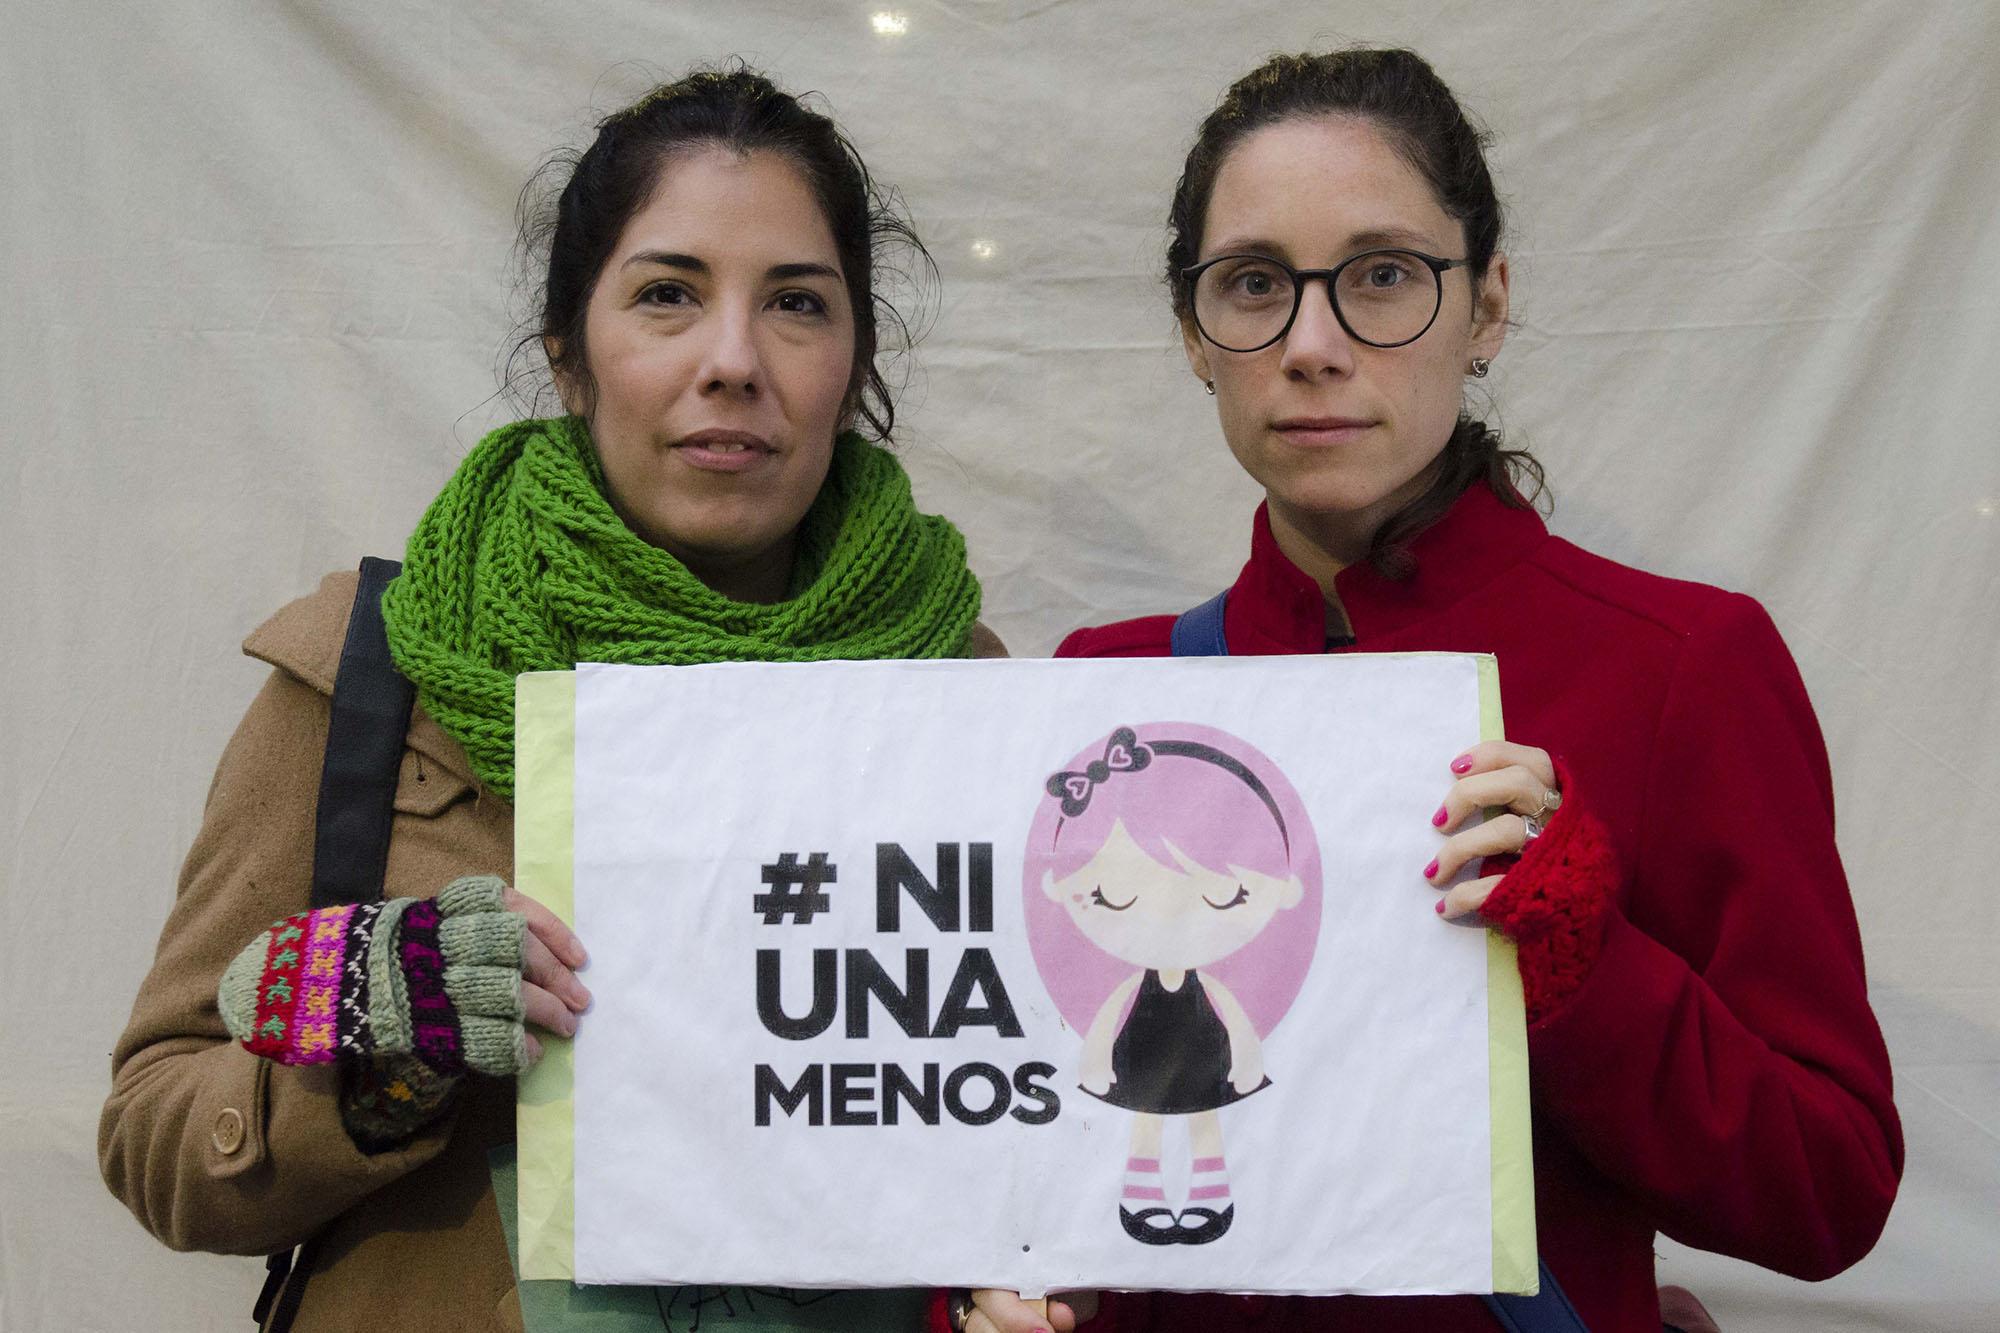 Tucumán, Argentina Junio 03/2016 Intervención fotográfica de INFOTO Escuela en apoyo a la marcha por los derechos de la mujer NI UNA MENOS llevada a cabo en Plaza Independencia.